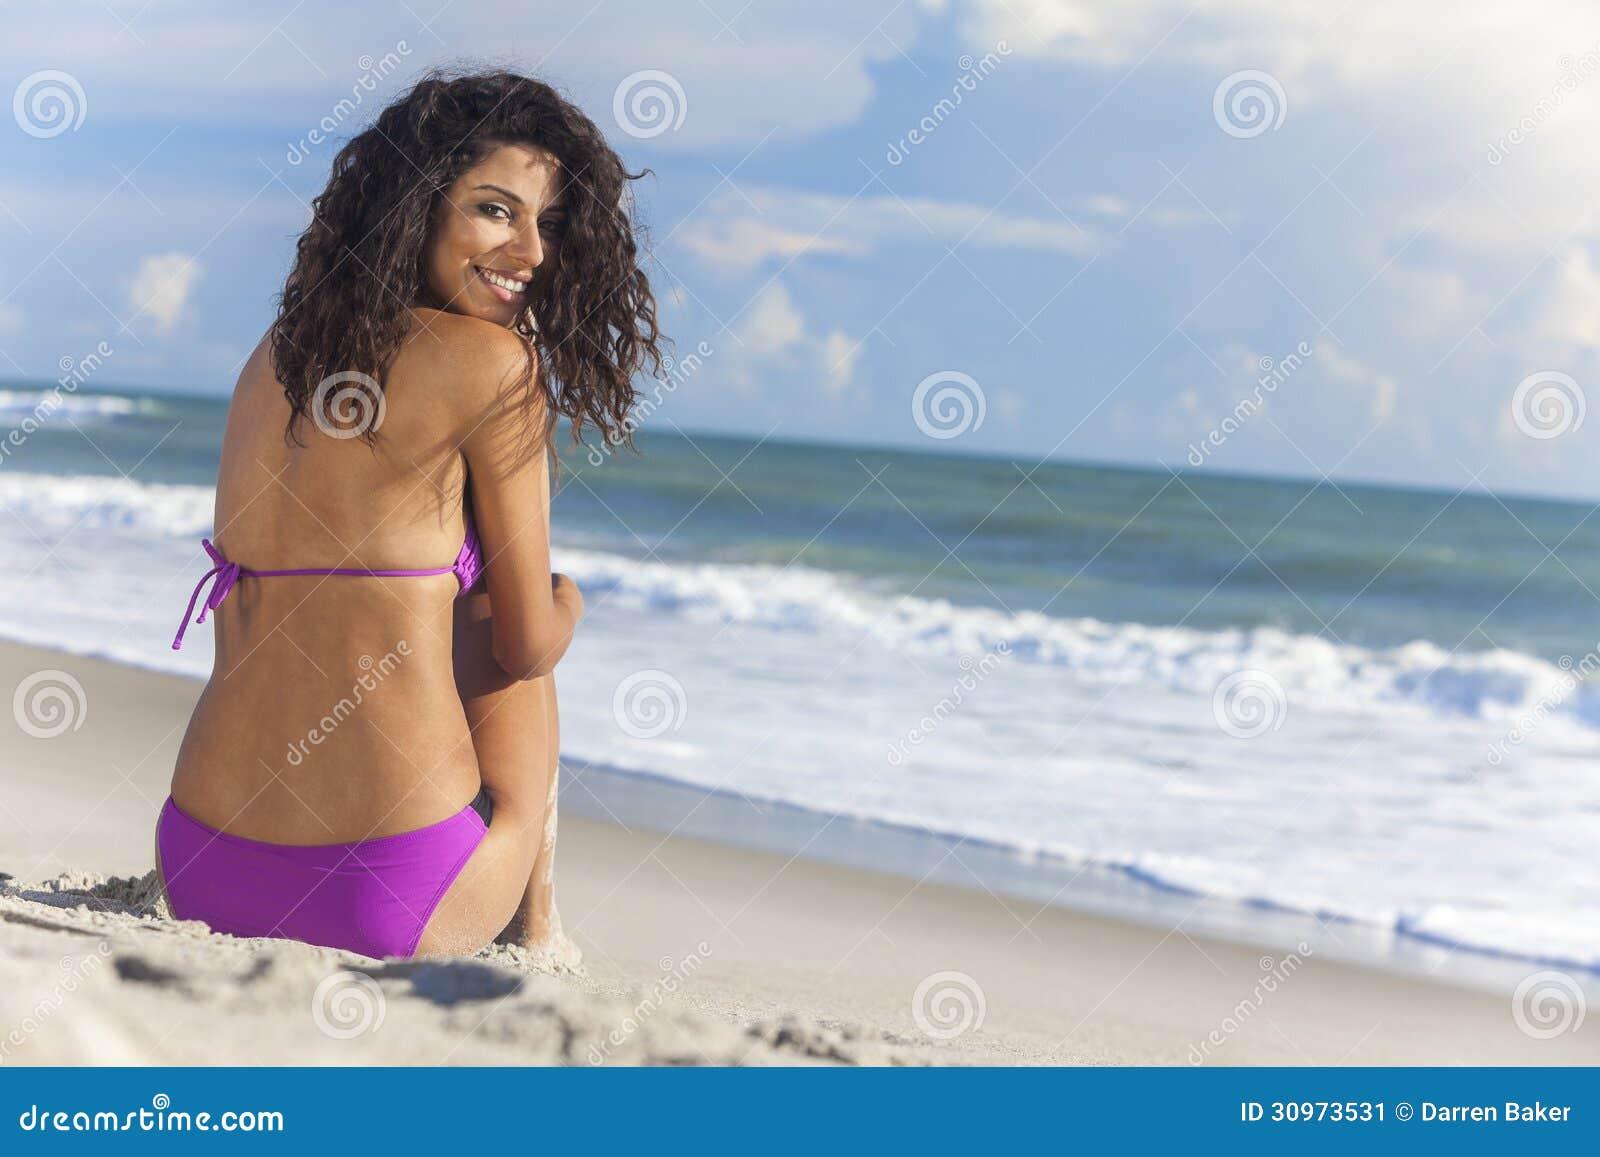 Bikini girl sitting